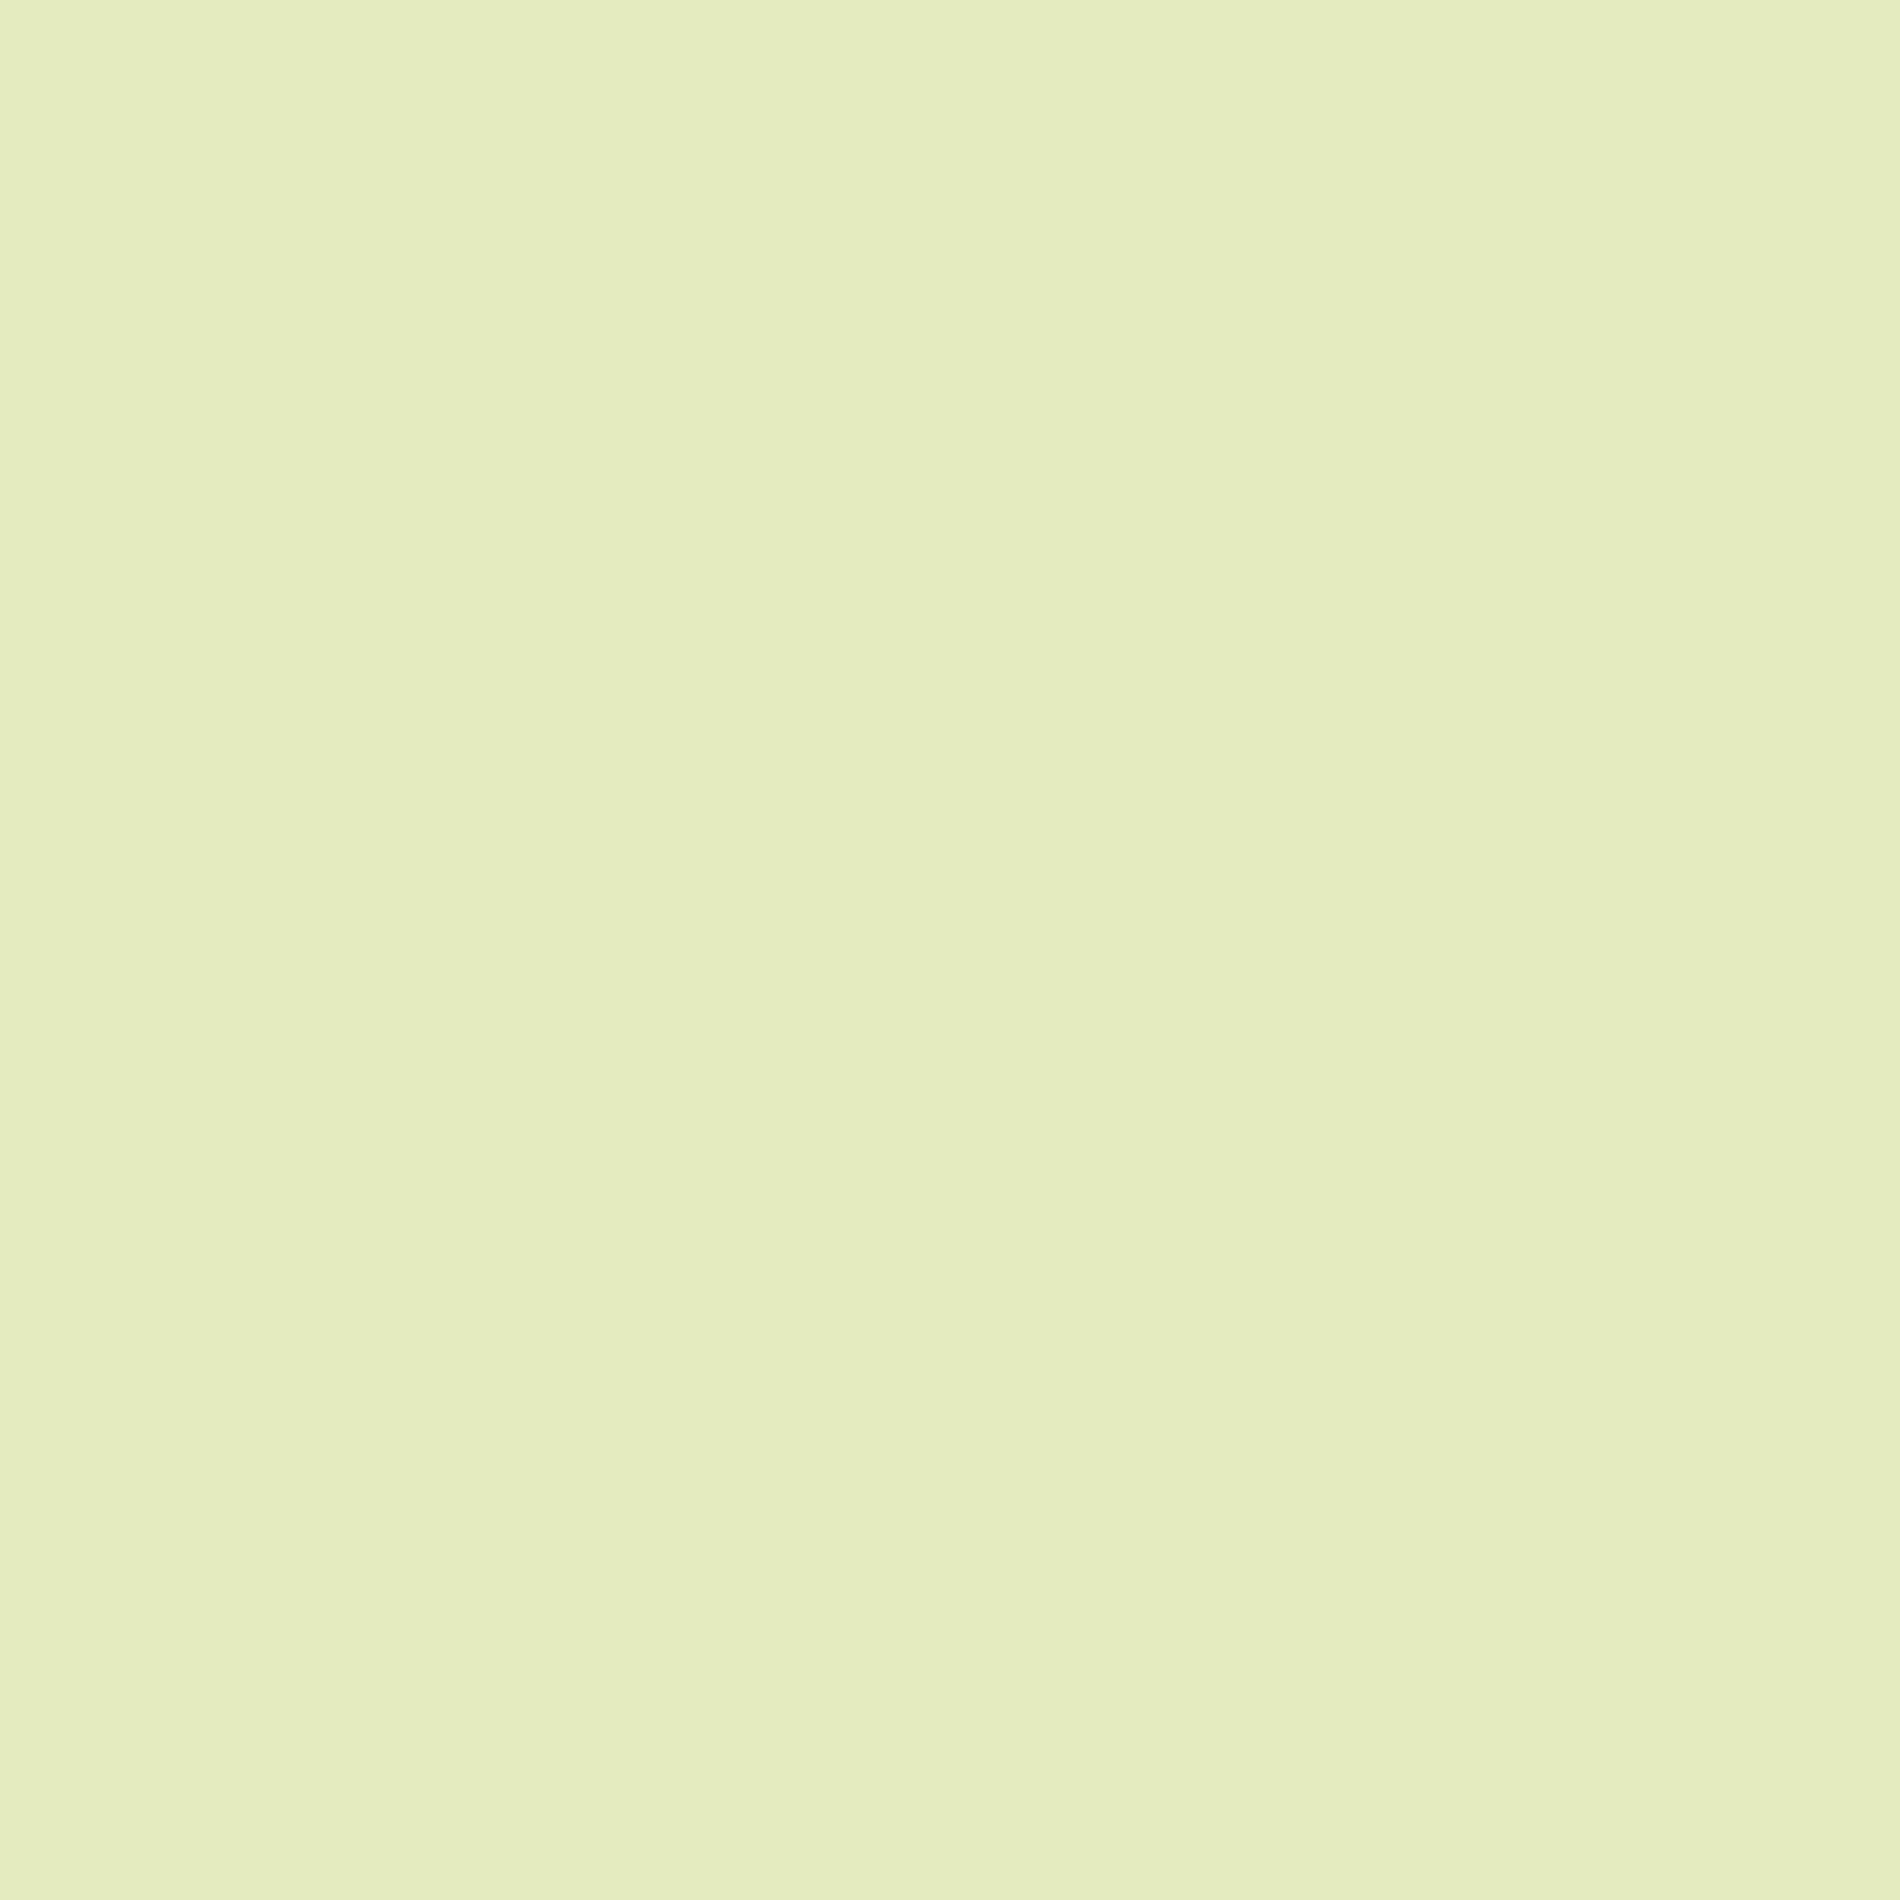 kiwi 30